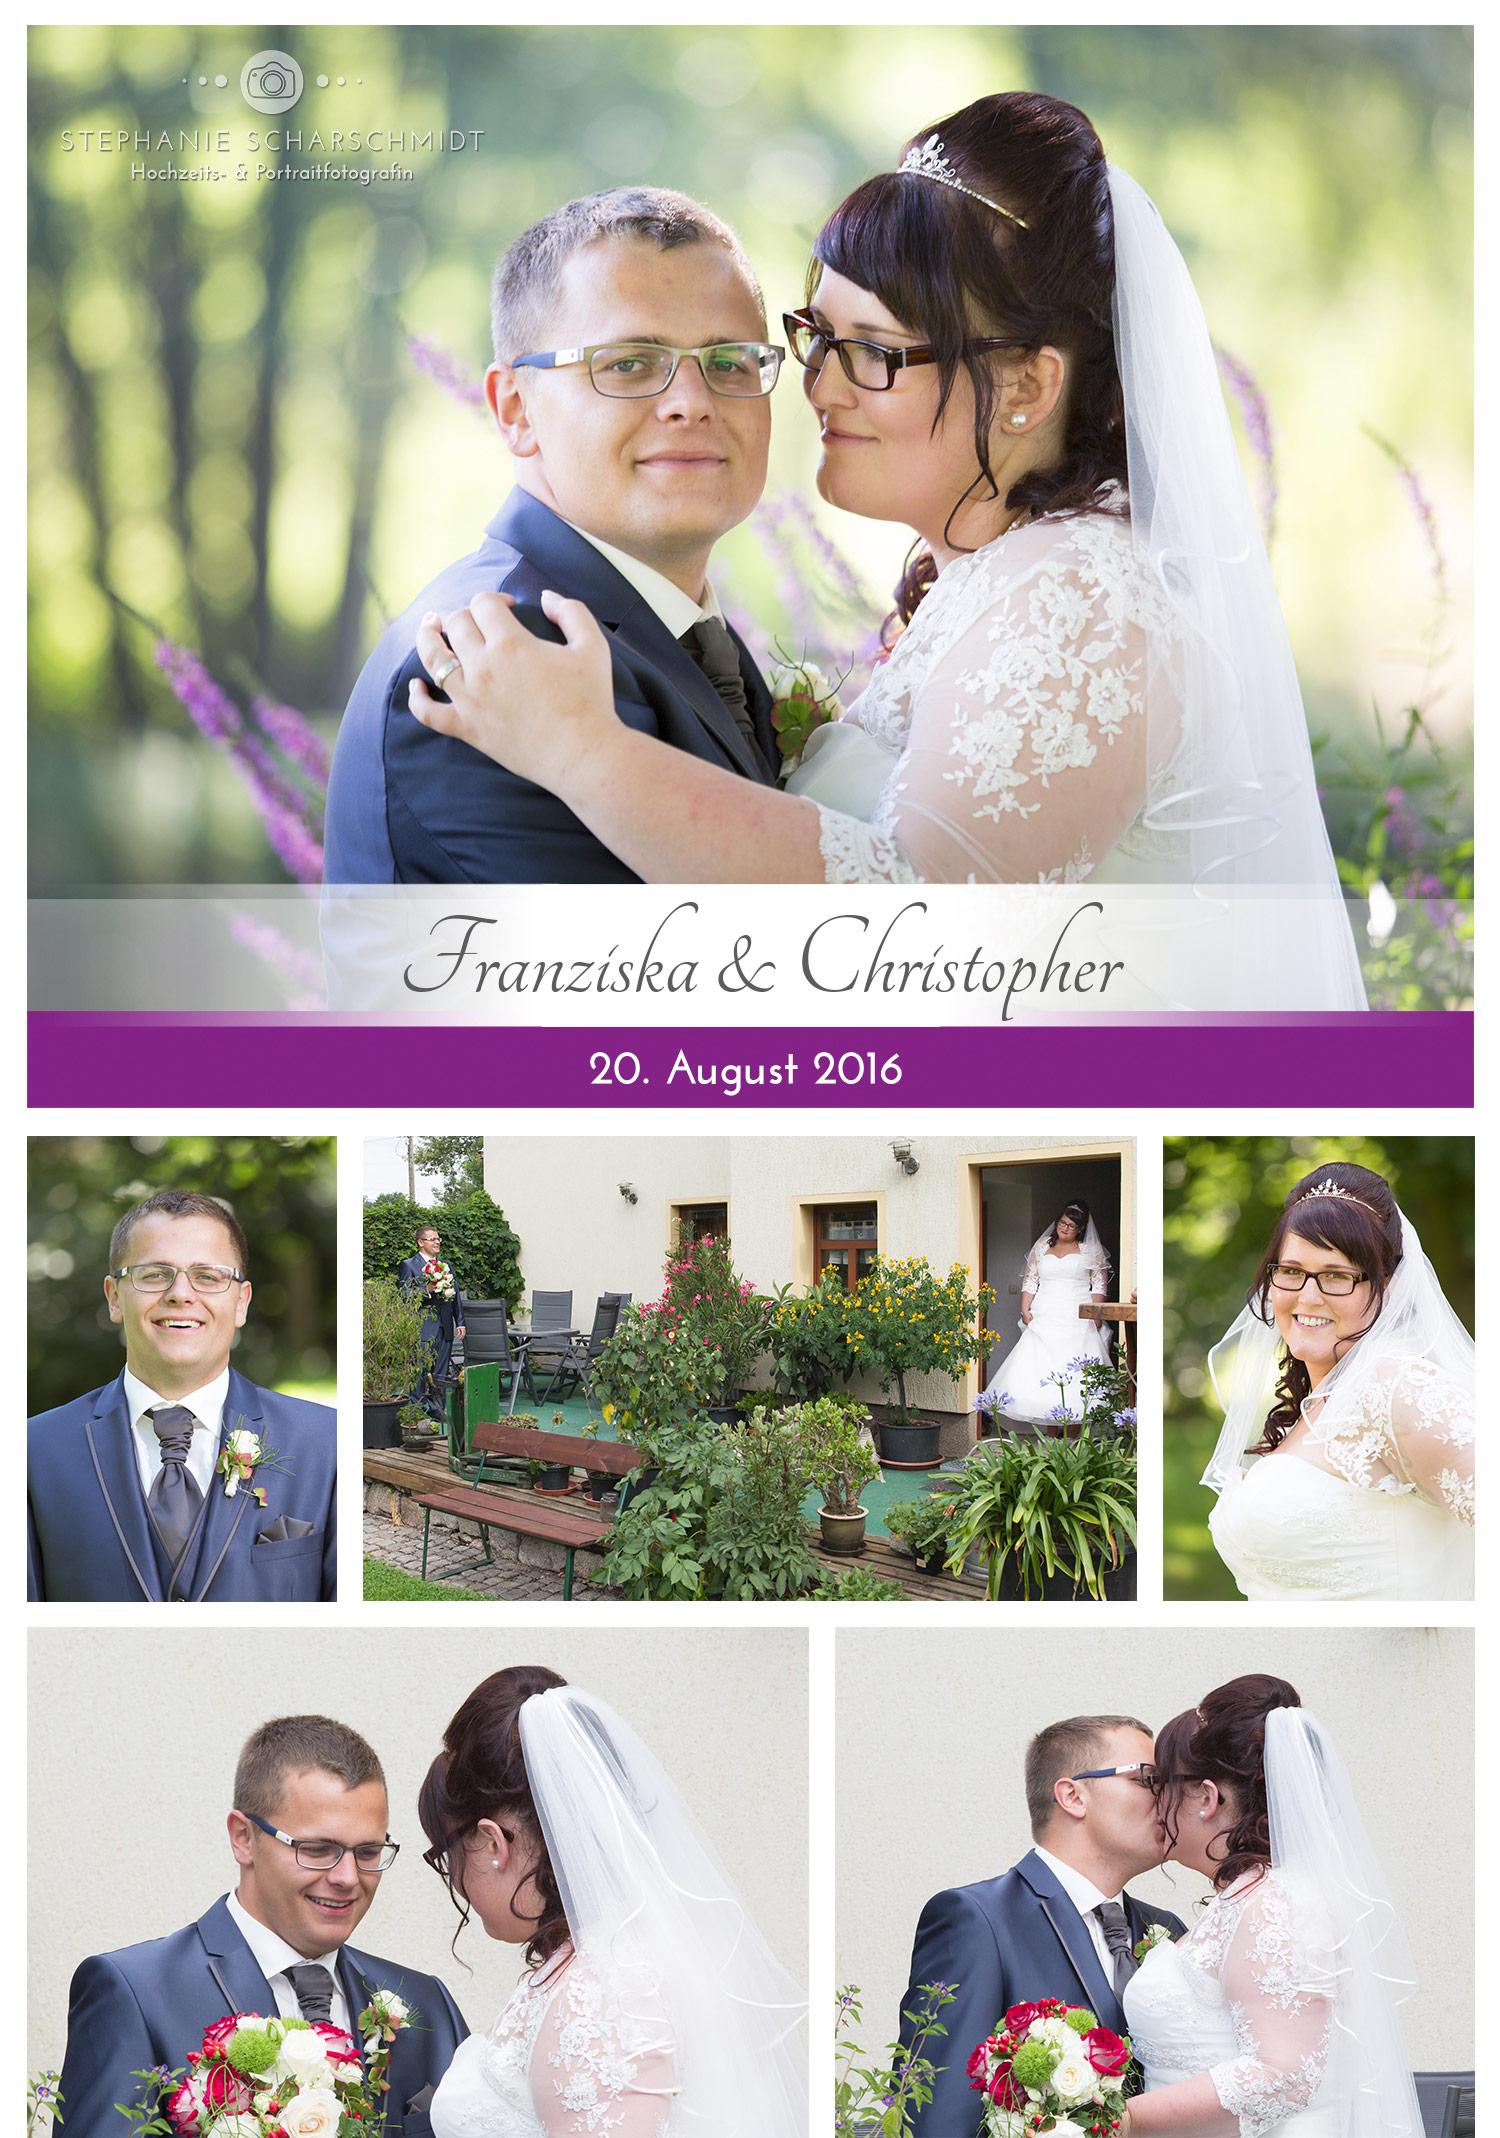 1 Hochzeitsreportage – Hochzeitsfotograf Treuen